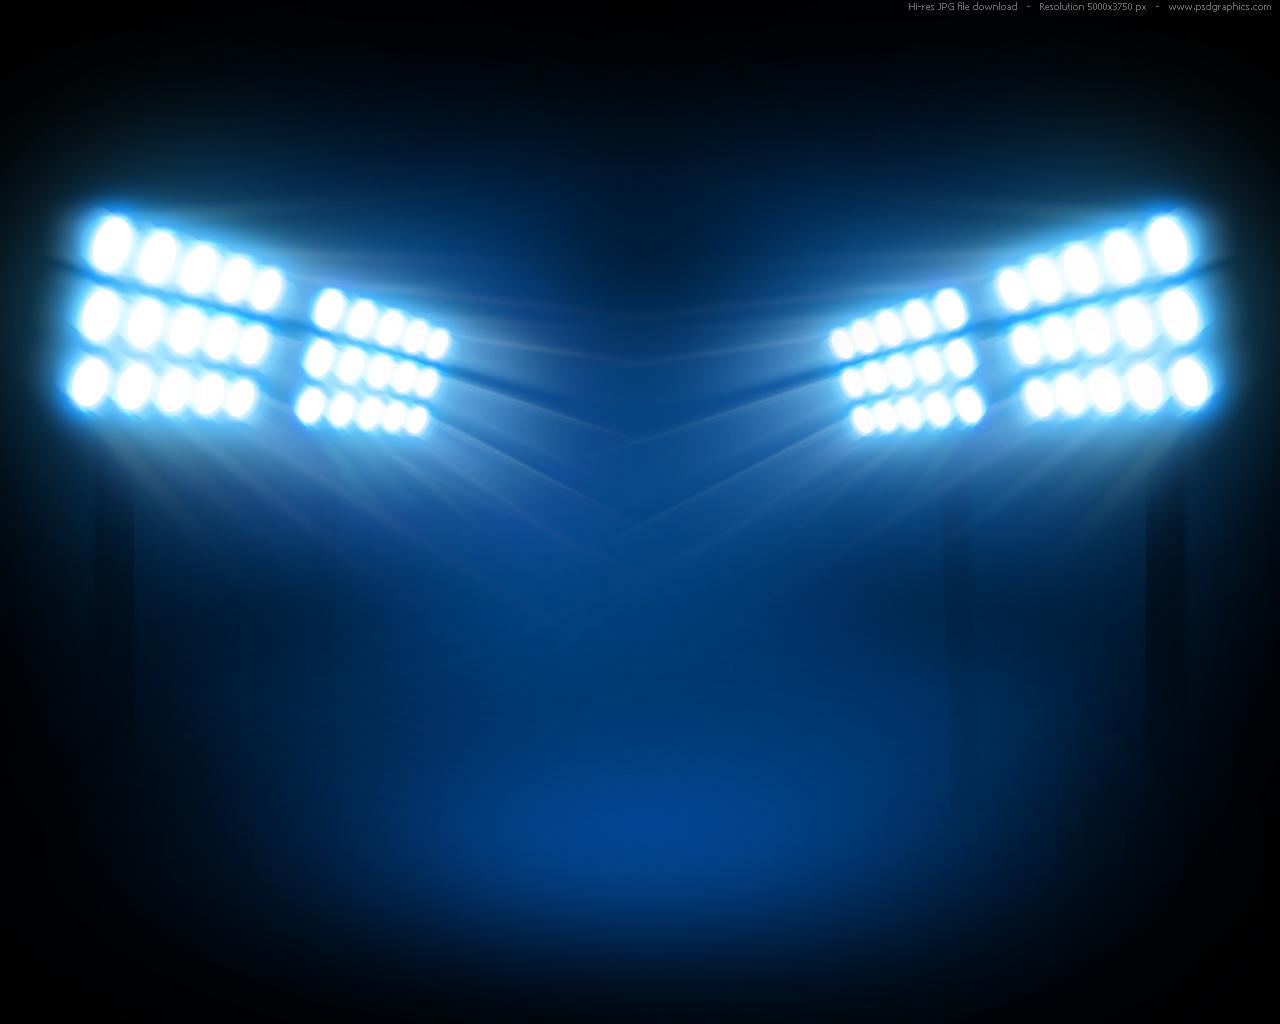 Football/Multi Stadium Lighting.